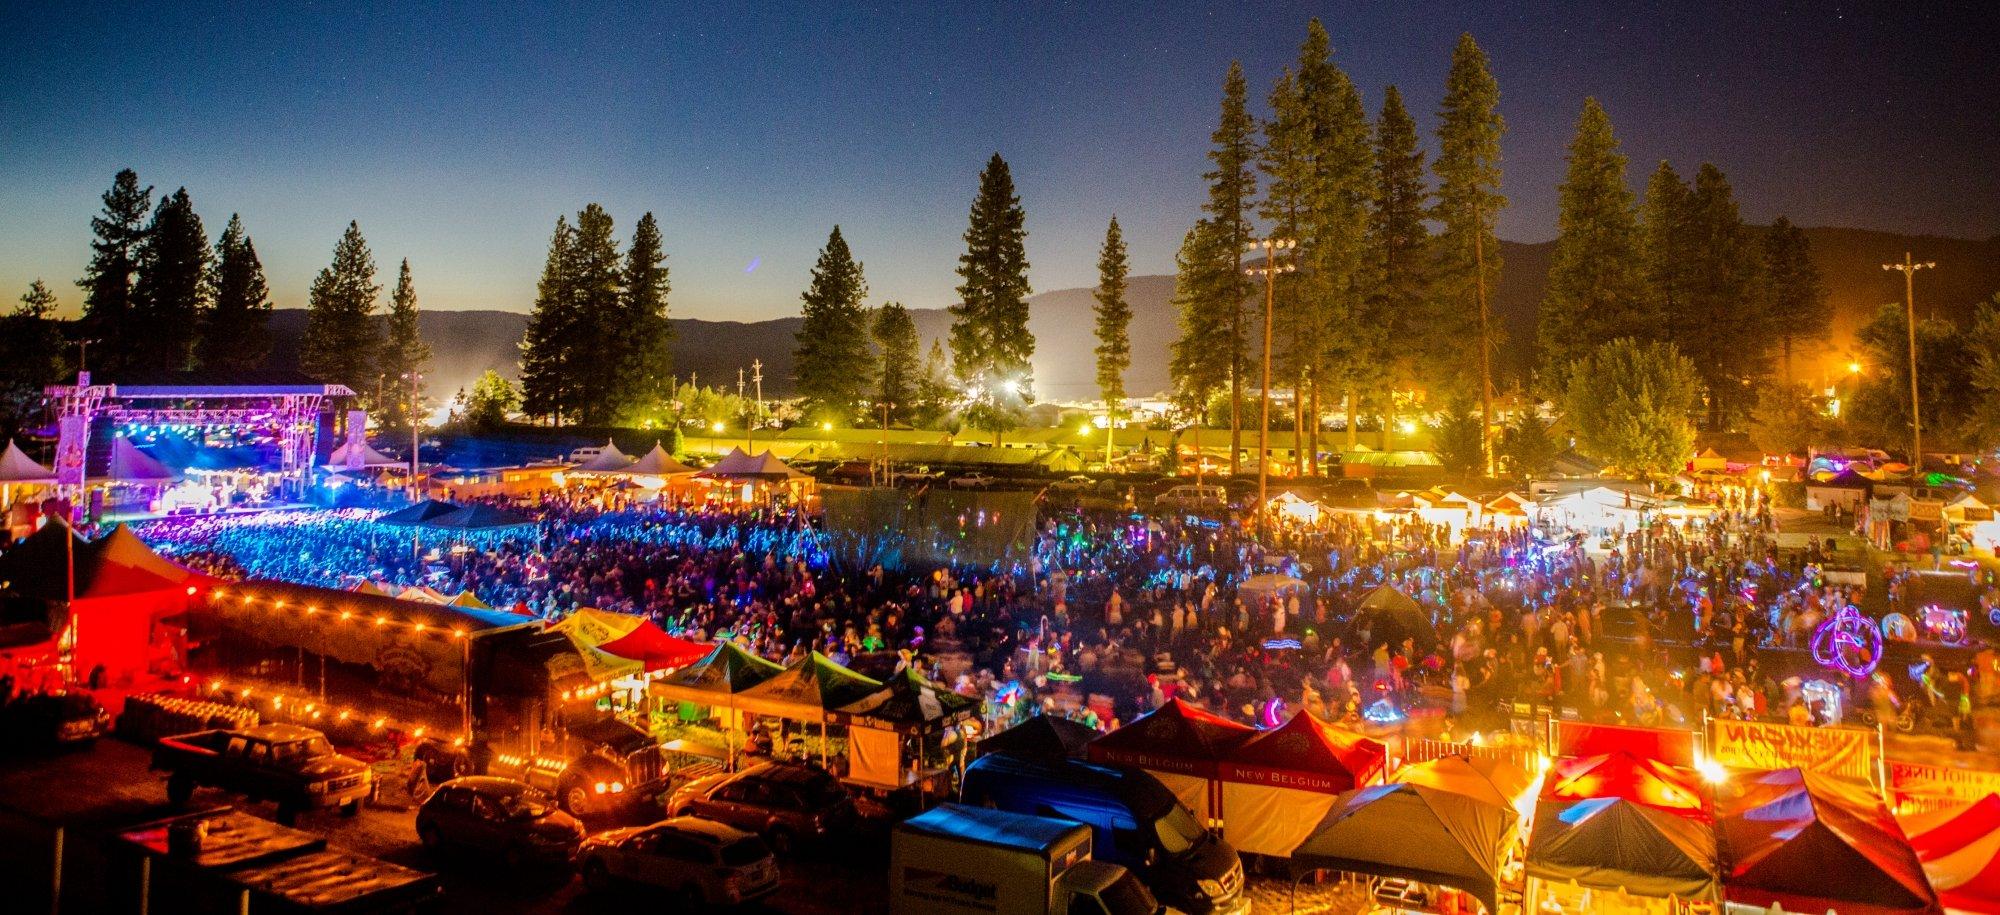 https://celebritycontent.com/2020/07/05/home-sierra-a-tribute-to-the-high-sierra-music-festival-kvmr-community-radio/